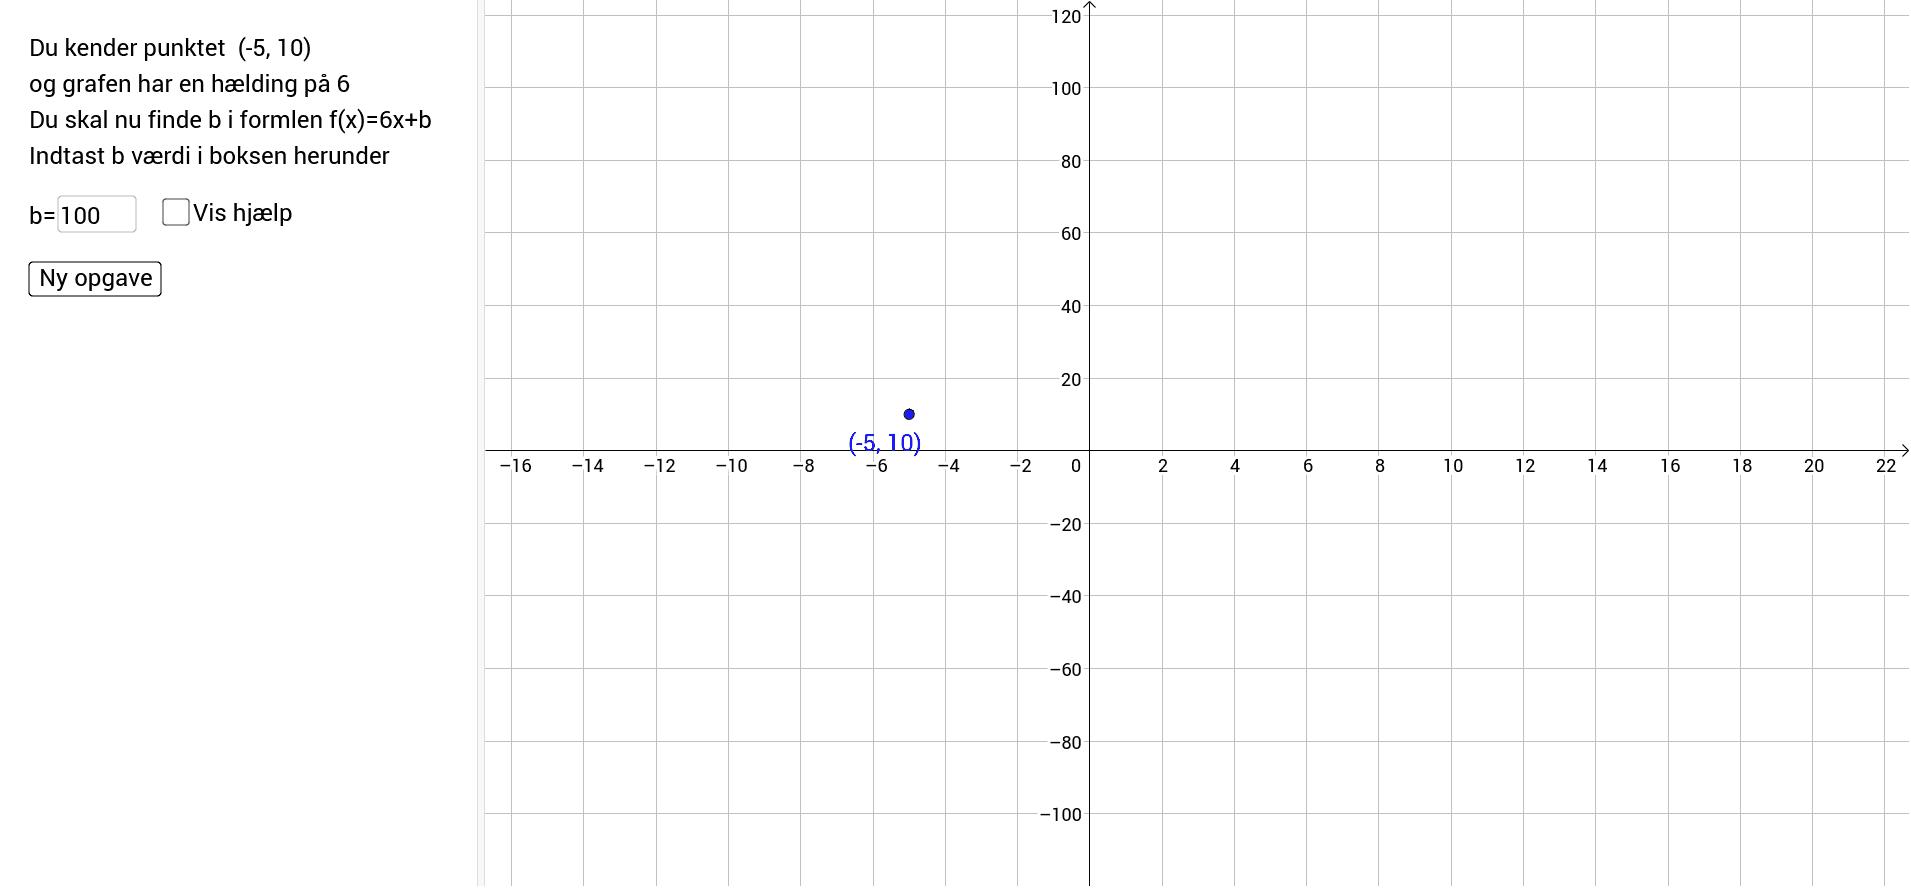 Find b værdien i funktionen f(x)=ax+b, når du kender hældning og et punkt Press Enter to start activity